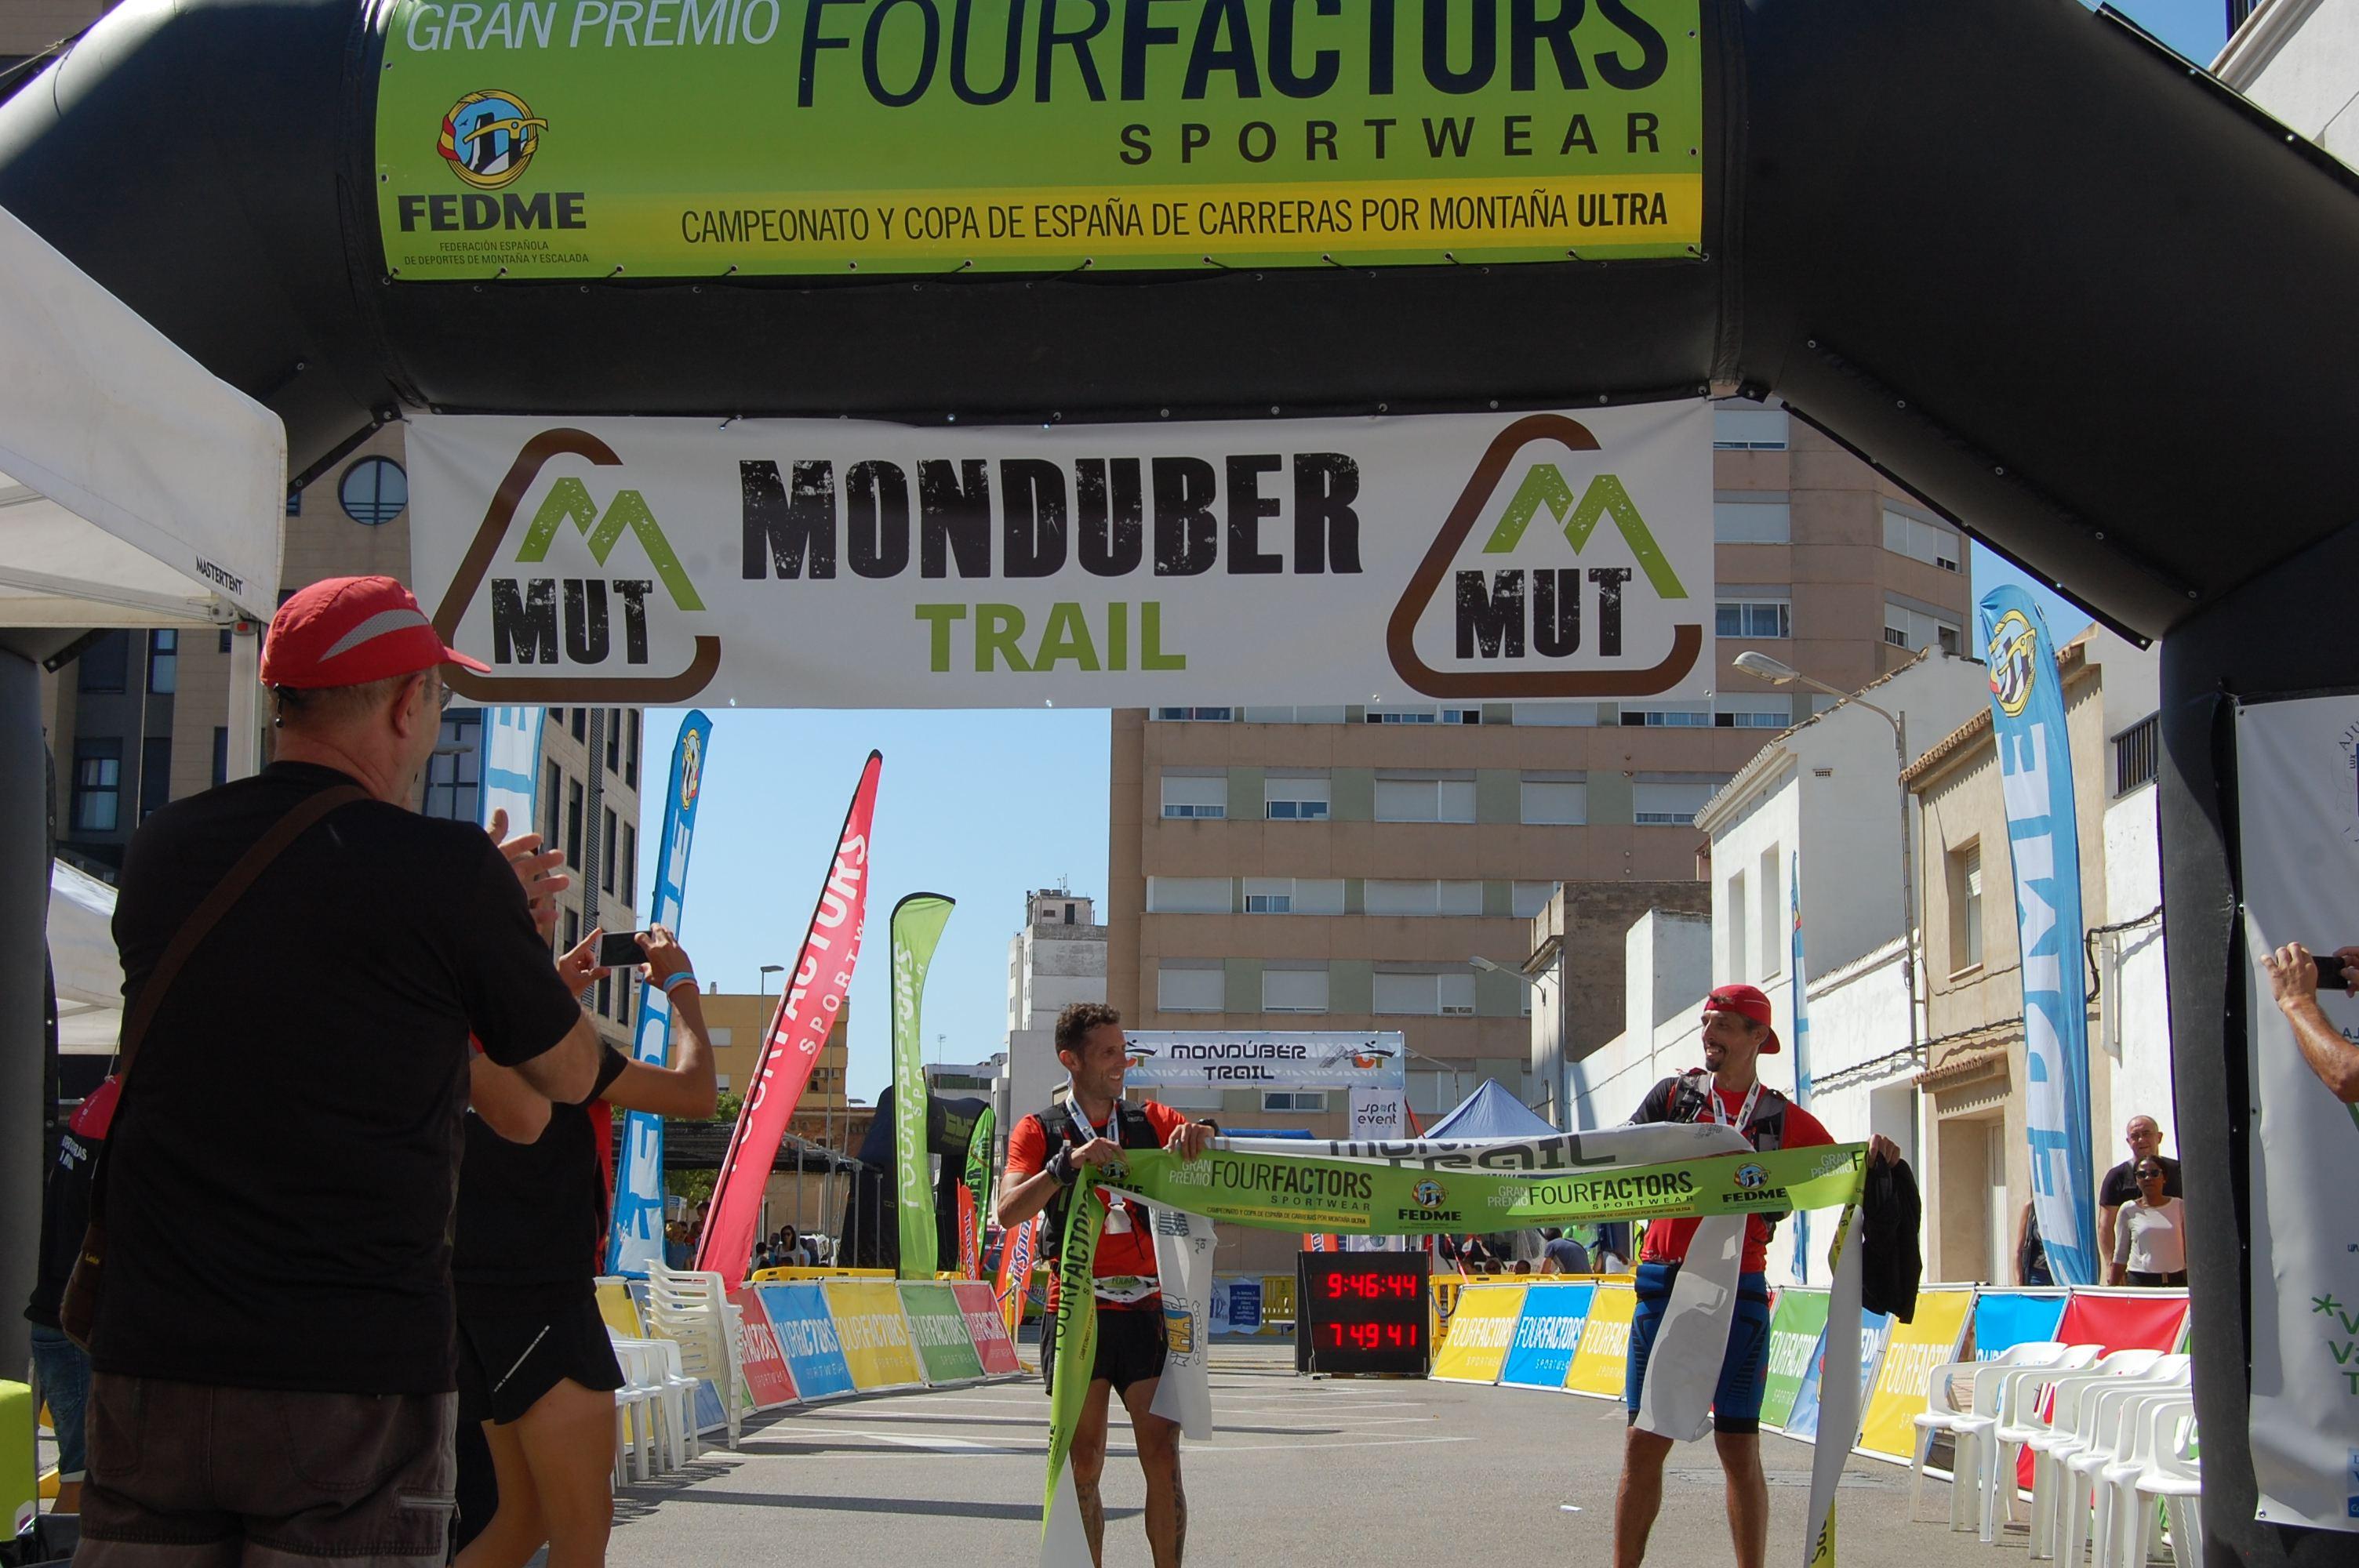 Dani Amat y Mercedes Pila se imponen en la Monduber Trail y se sitúan líderes de la Copa de España de Carreras por Montaña Ultra - GP Four Factors